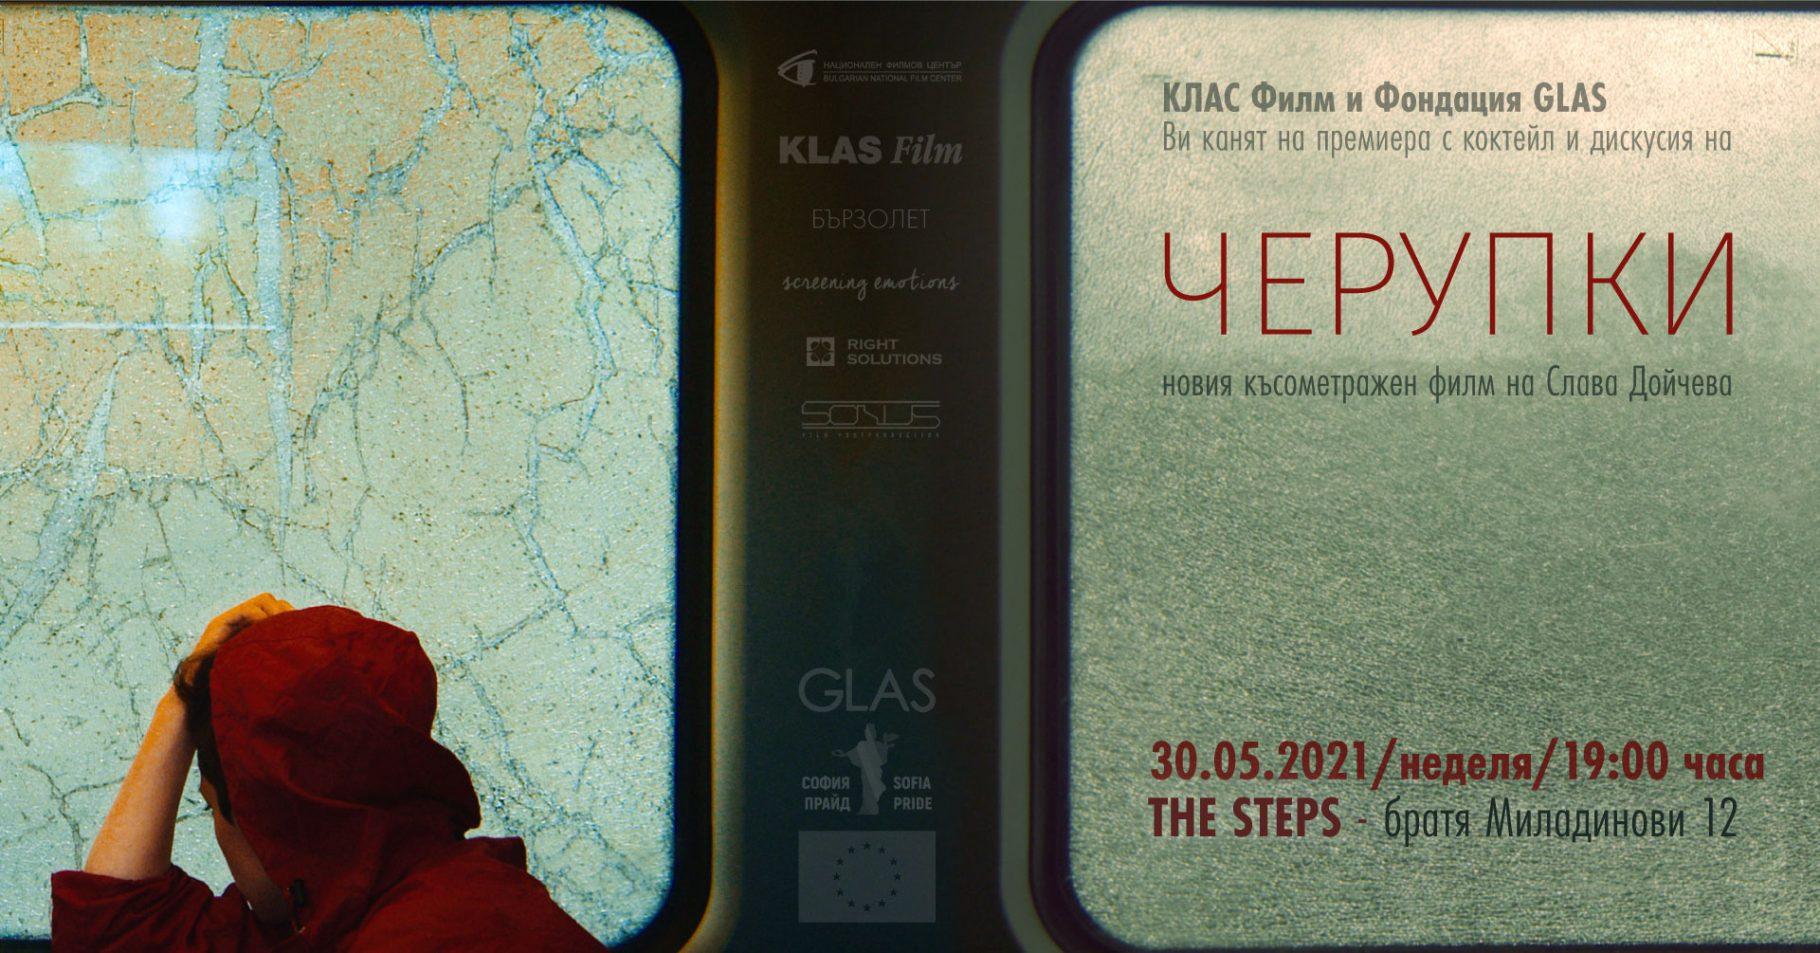 """Премиера на """"Черупки"""" – новият късометражен филм на Слава Дойчева"""